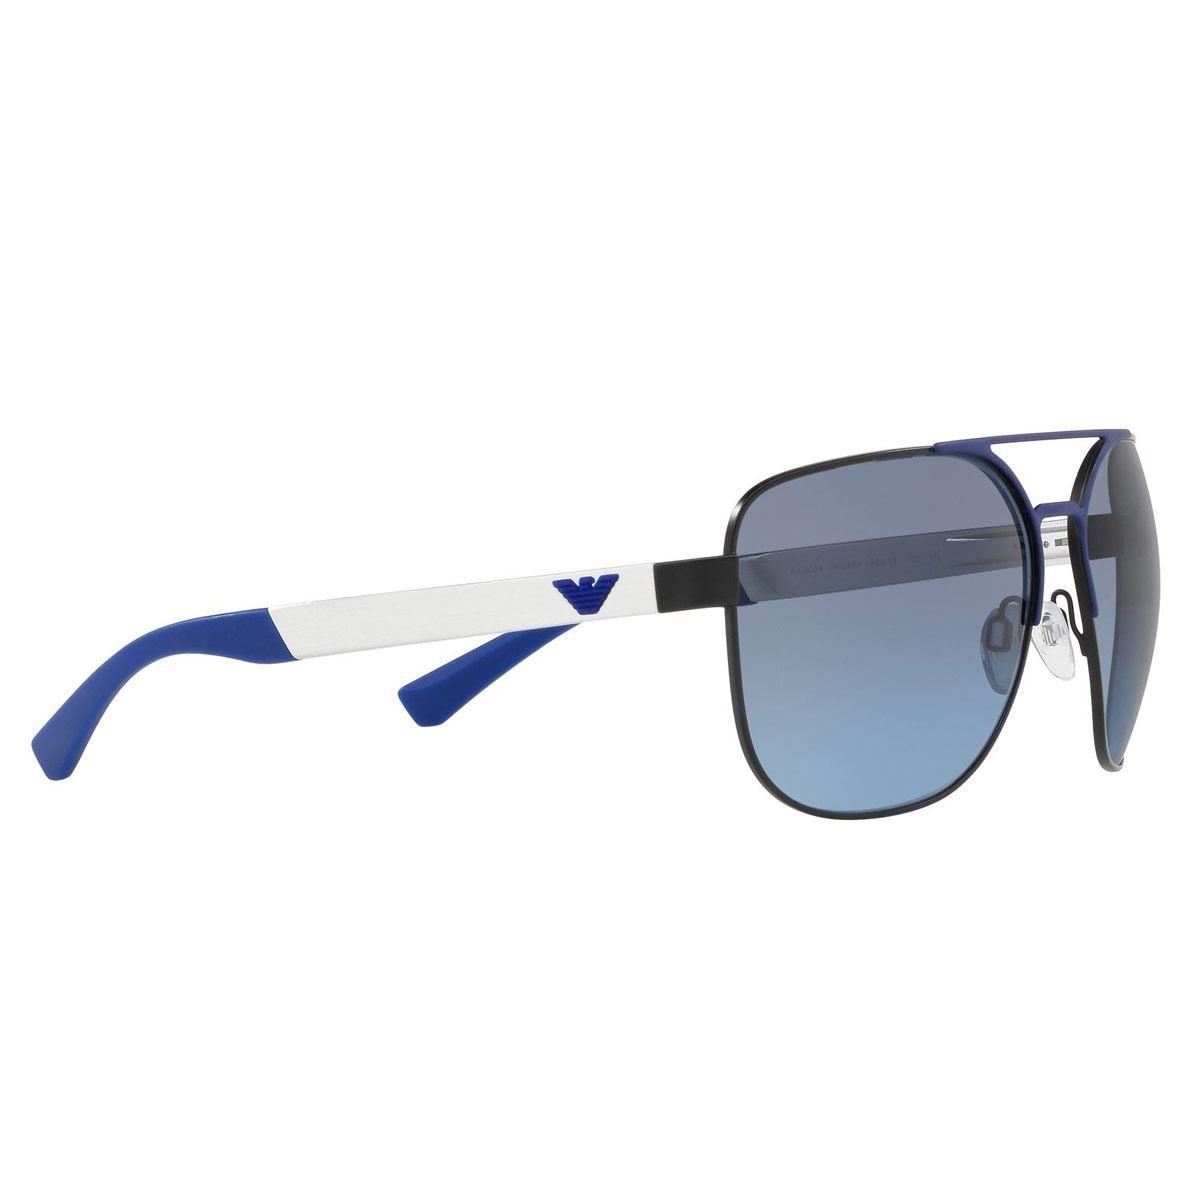 Lente solar Emporio Armani azul